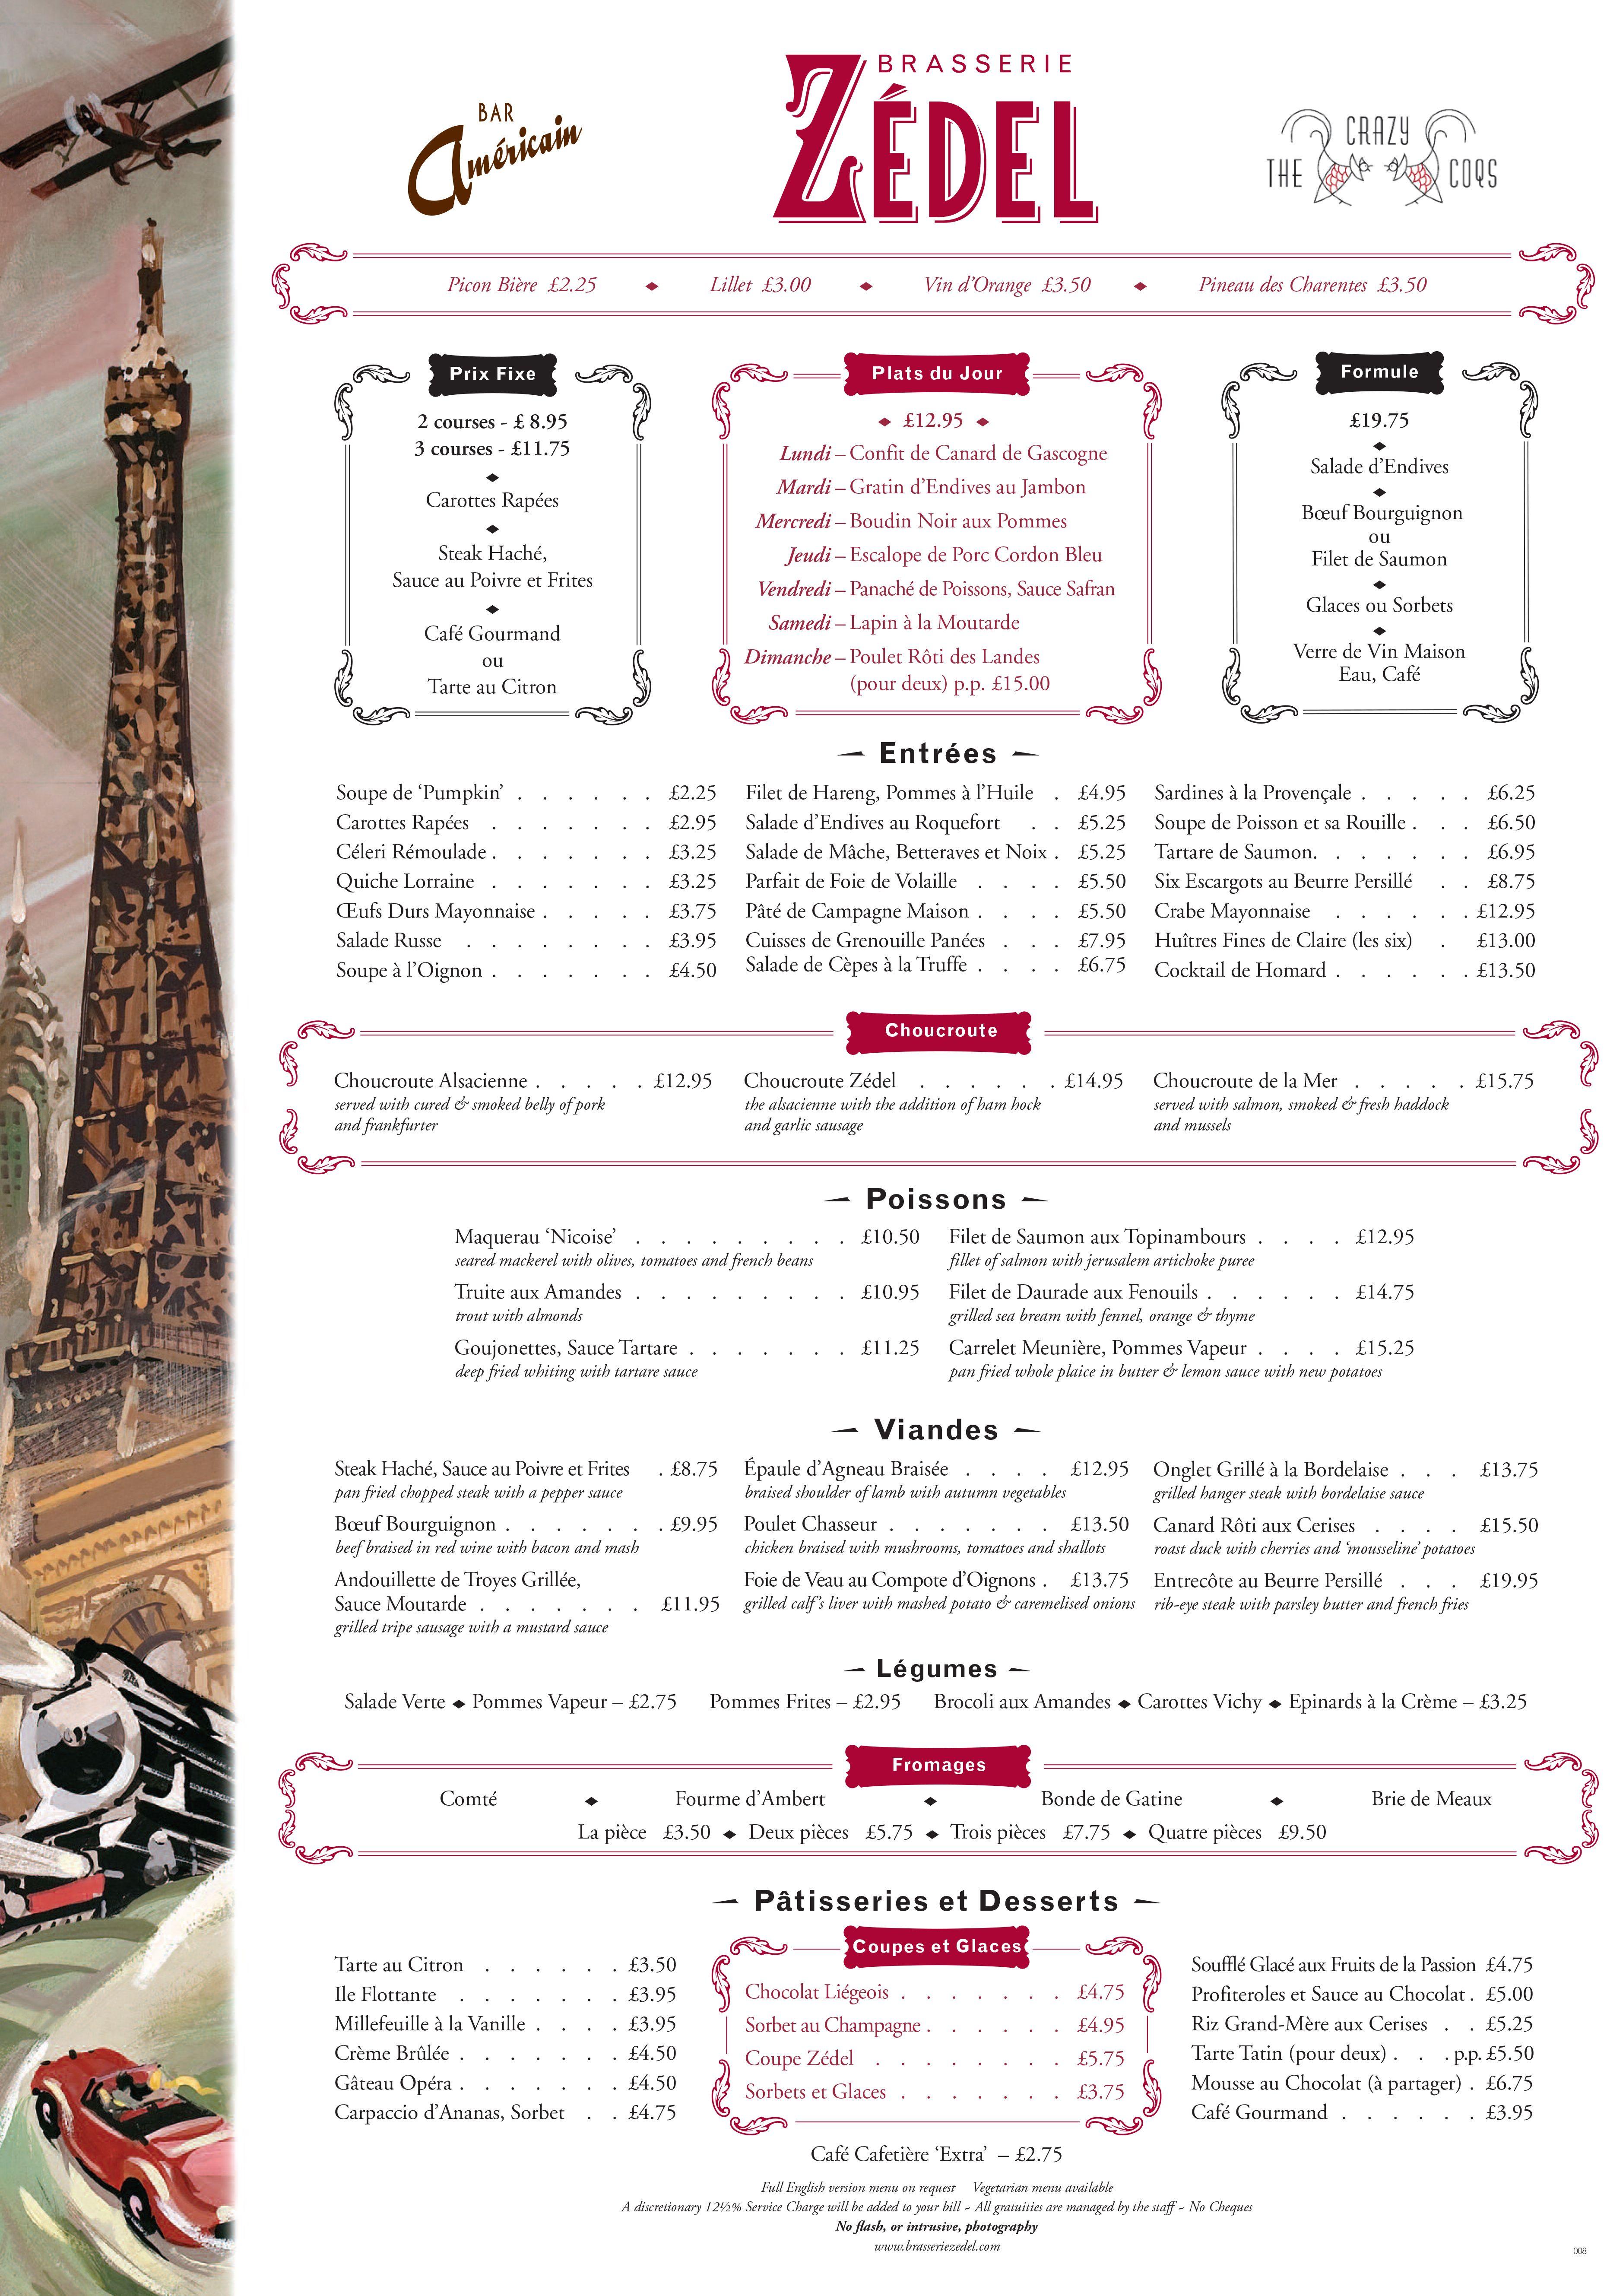 Brasserie Zedel Menu  French Brasserie    Menu And Signage